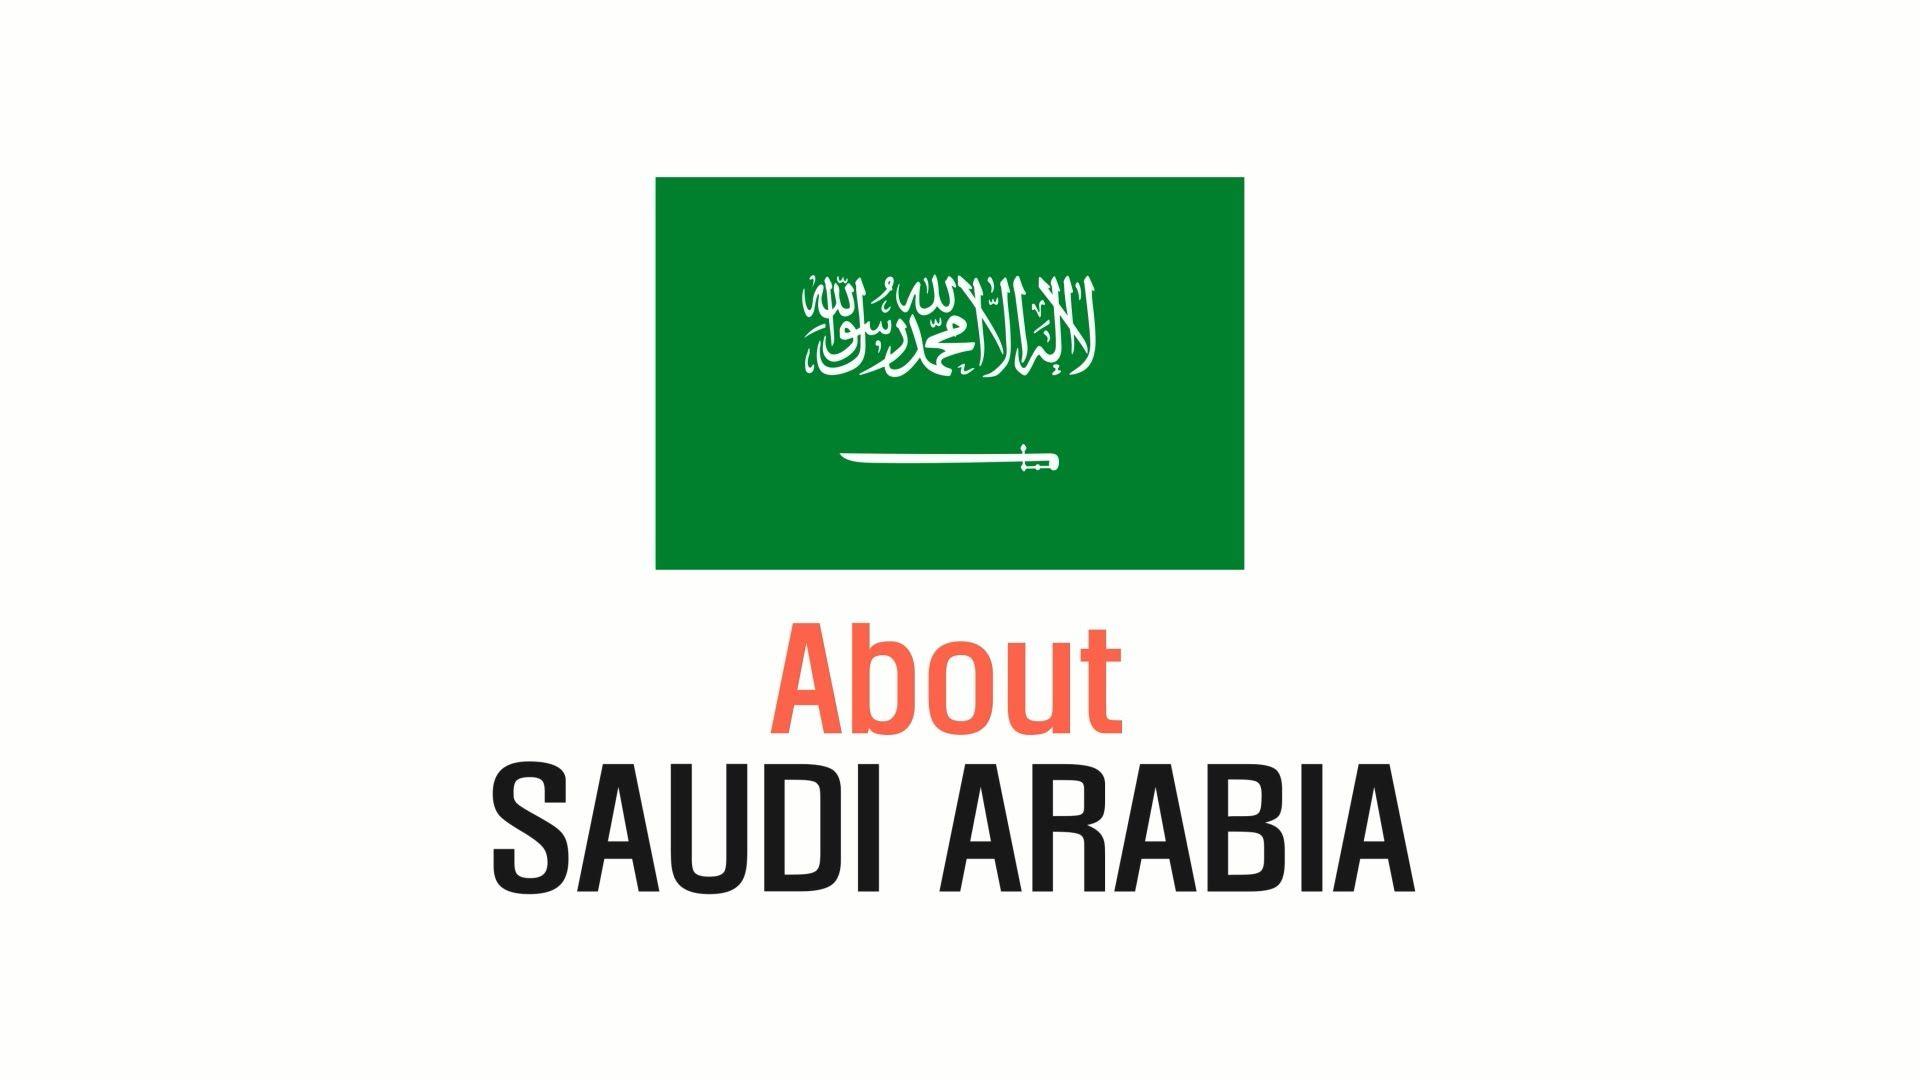 General Inforamtion - SAUDI ARABIA